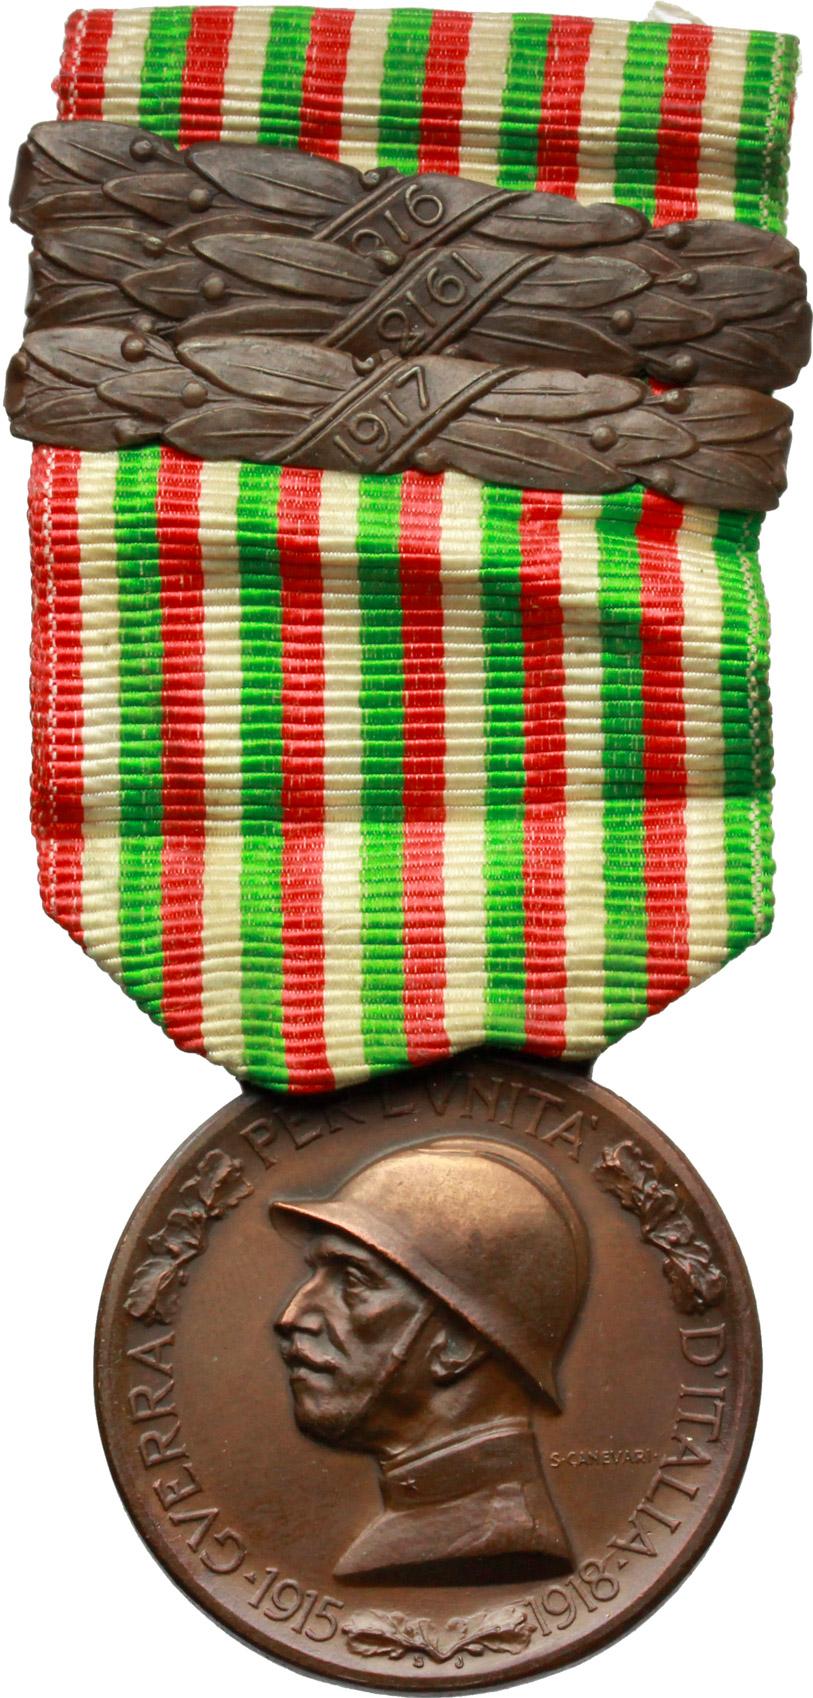 D/ Vittorio Emanuele III (1900-1943). Medaglia commemorativa della guerra 1915-1918 con nastrino tricolore e tre fascette in bronzo 1916-1917-1918.     AE.   mm. 32.50    SPL.